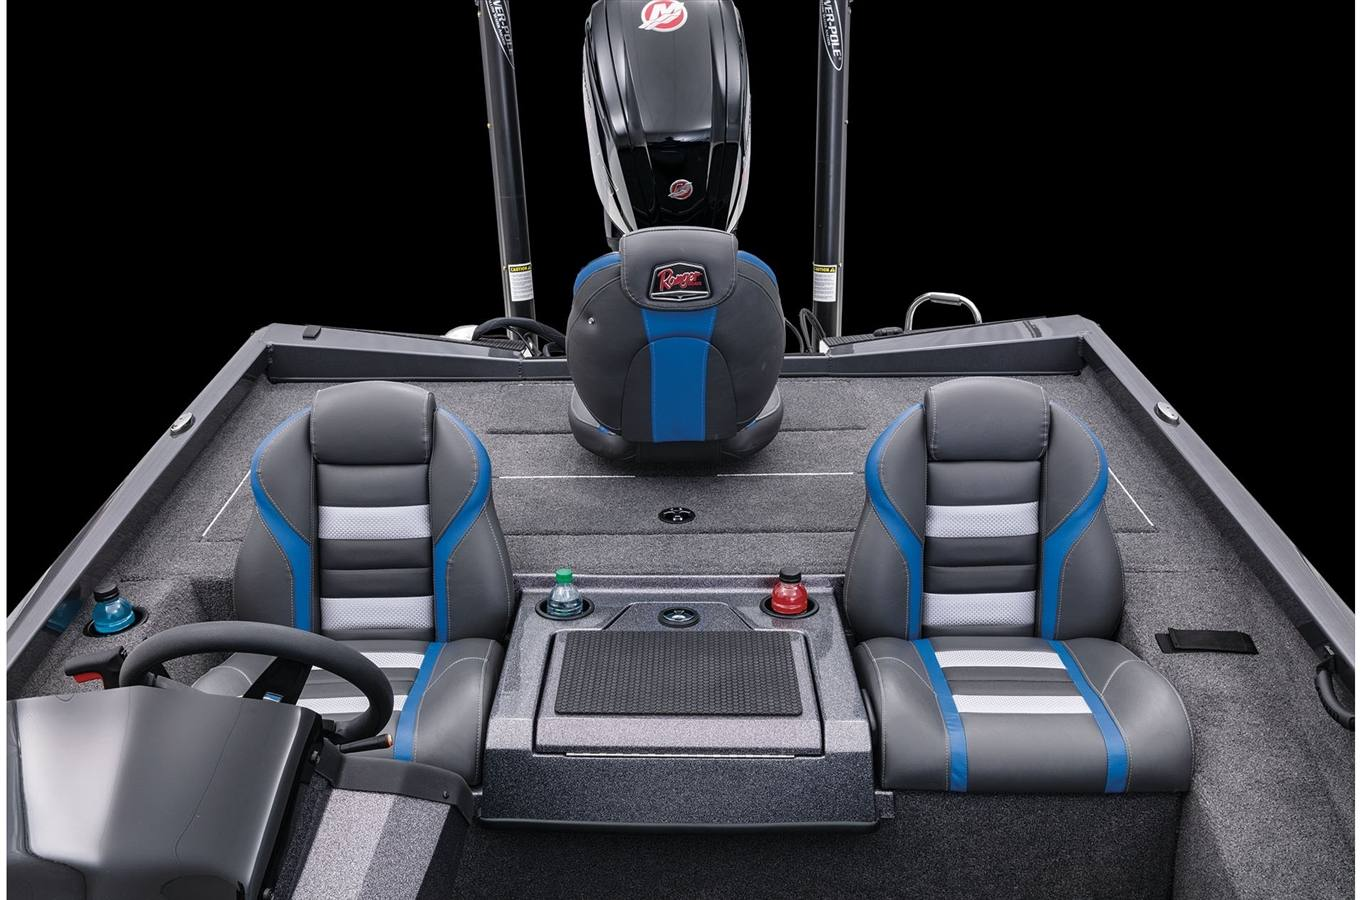 2020 Ranger RT188P for sale in Casper, WY  Driven